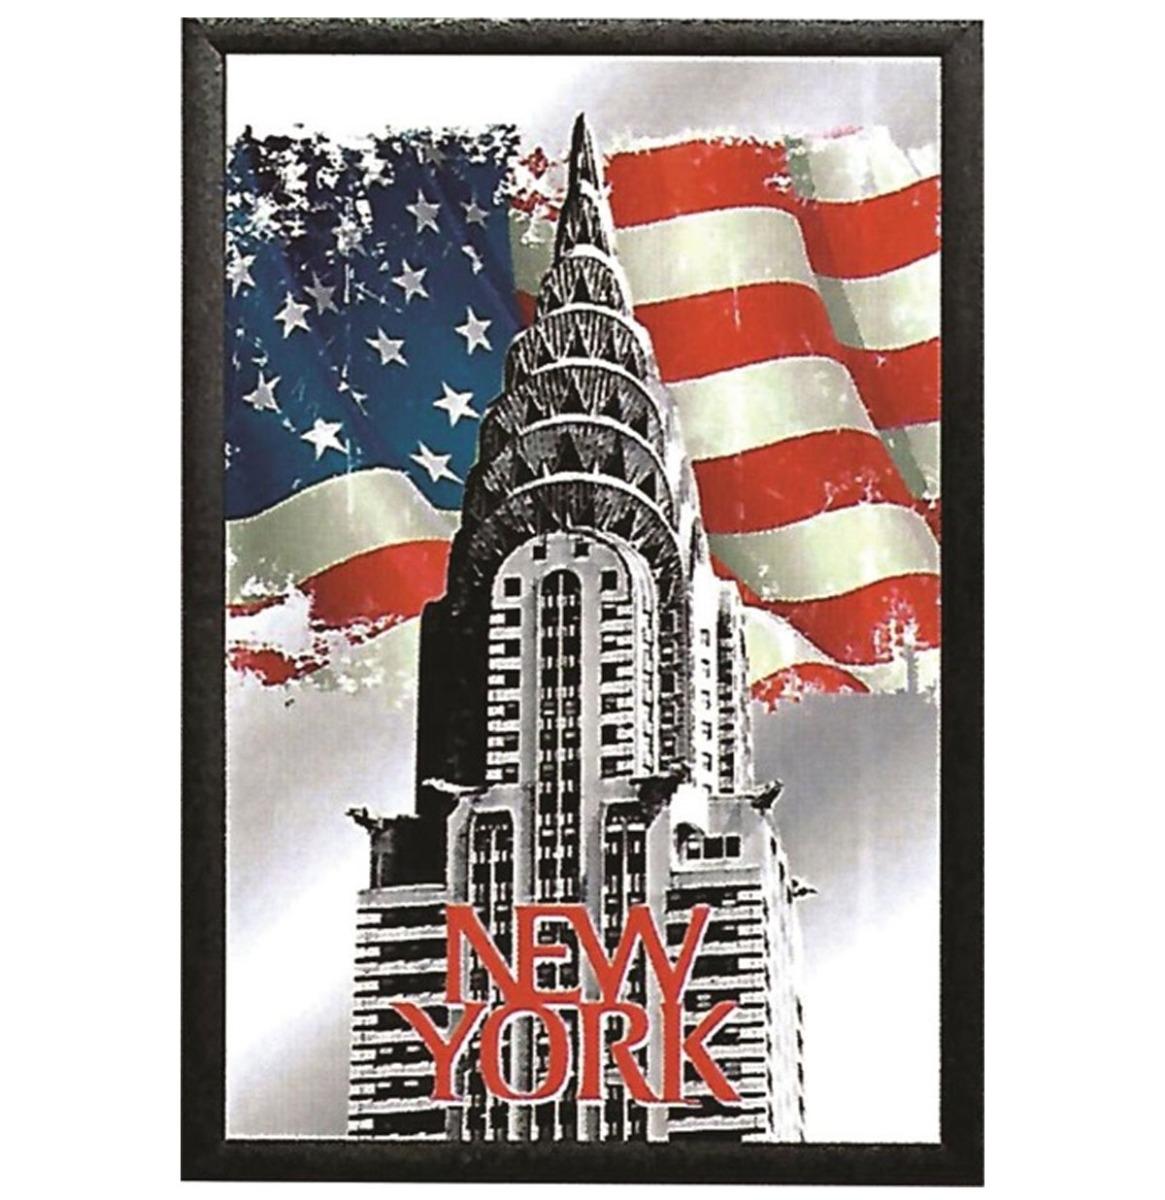 Spiegel New York